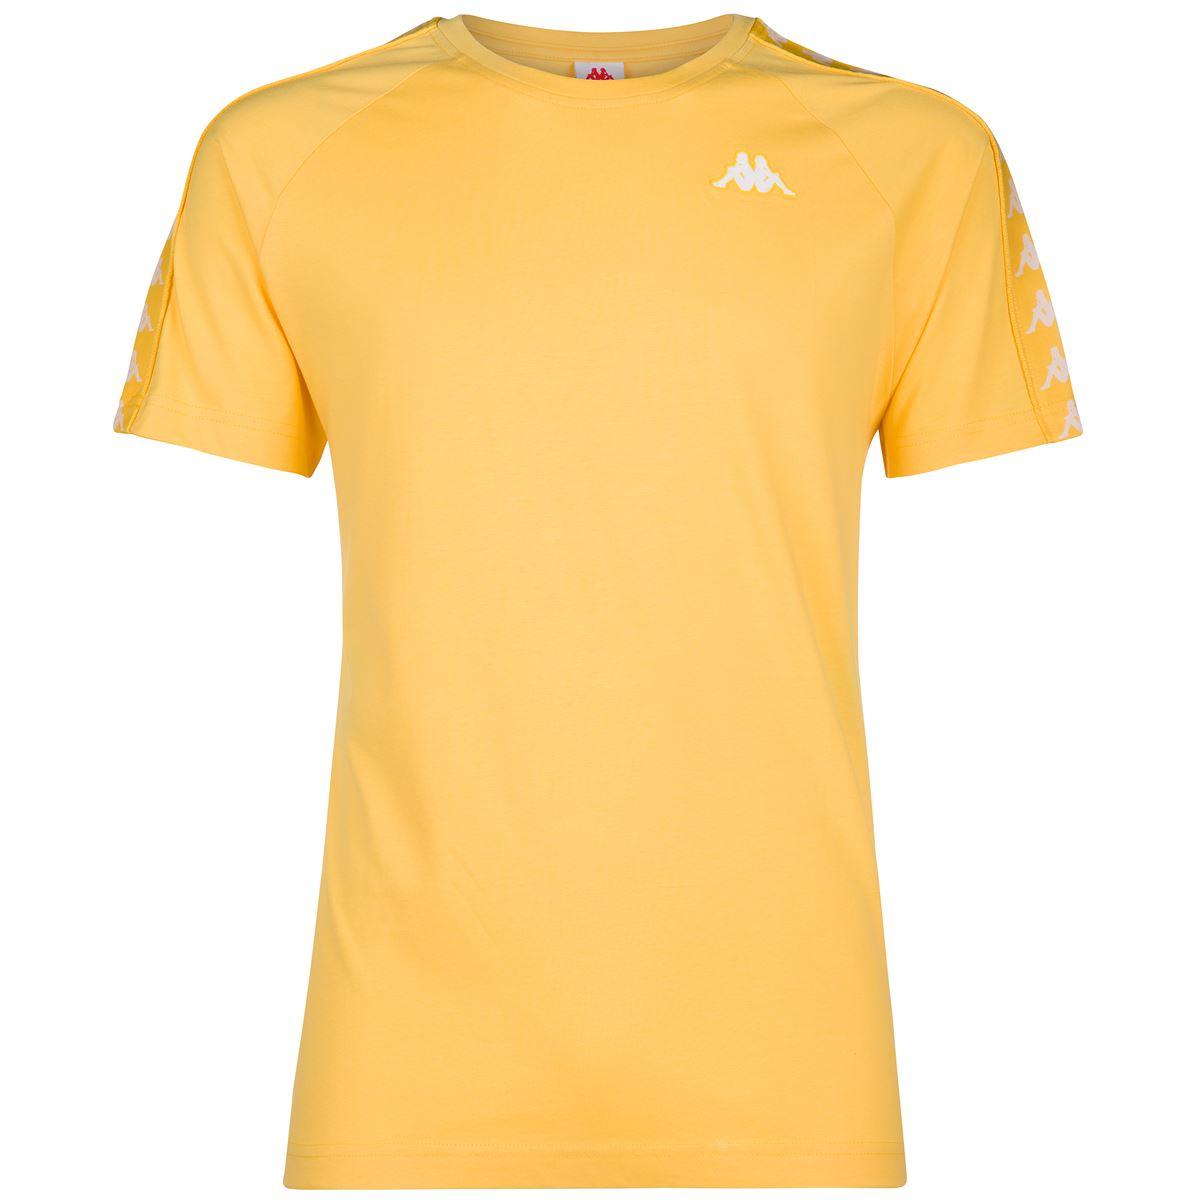 T-SHIRT KAPPA KAPPA | T-shirt m/m | 303UV10**C05